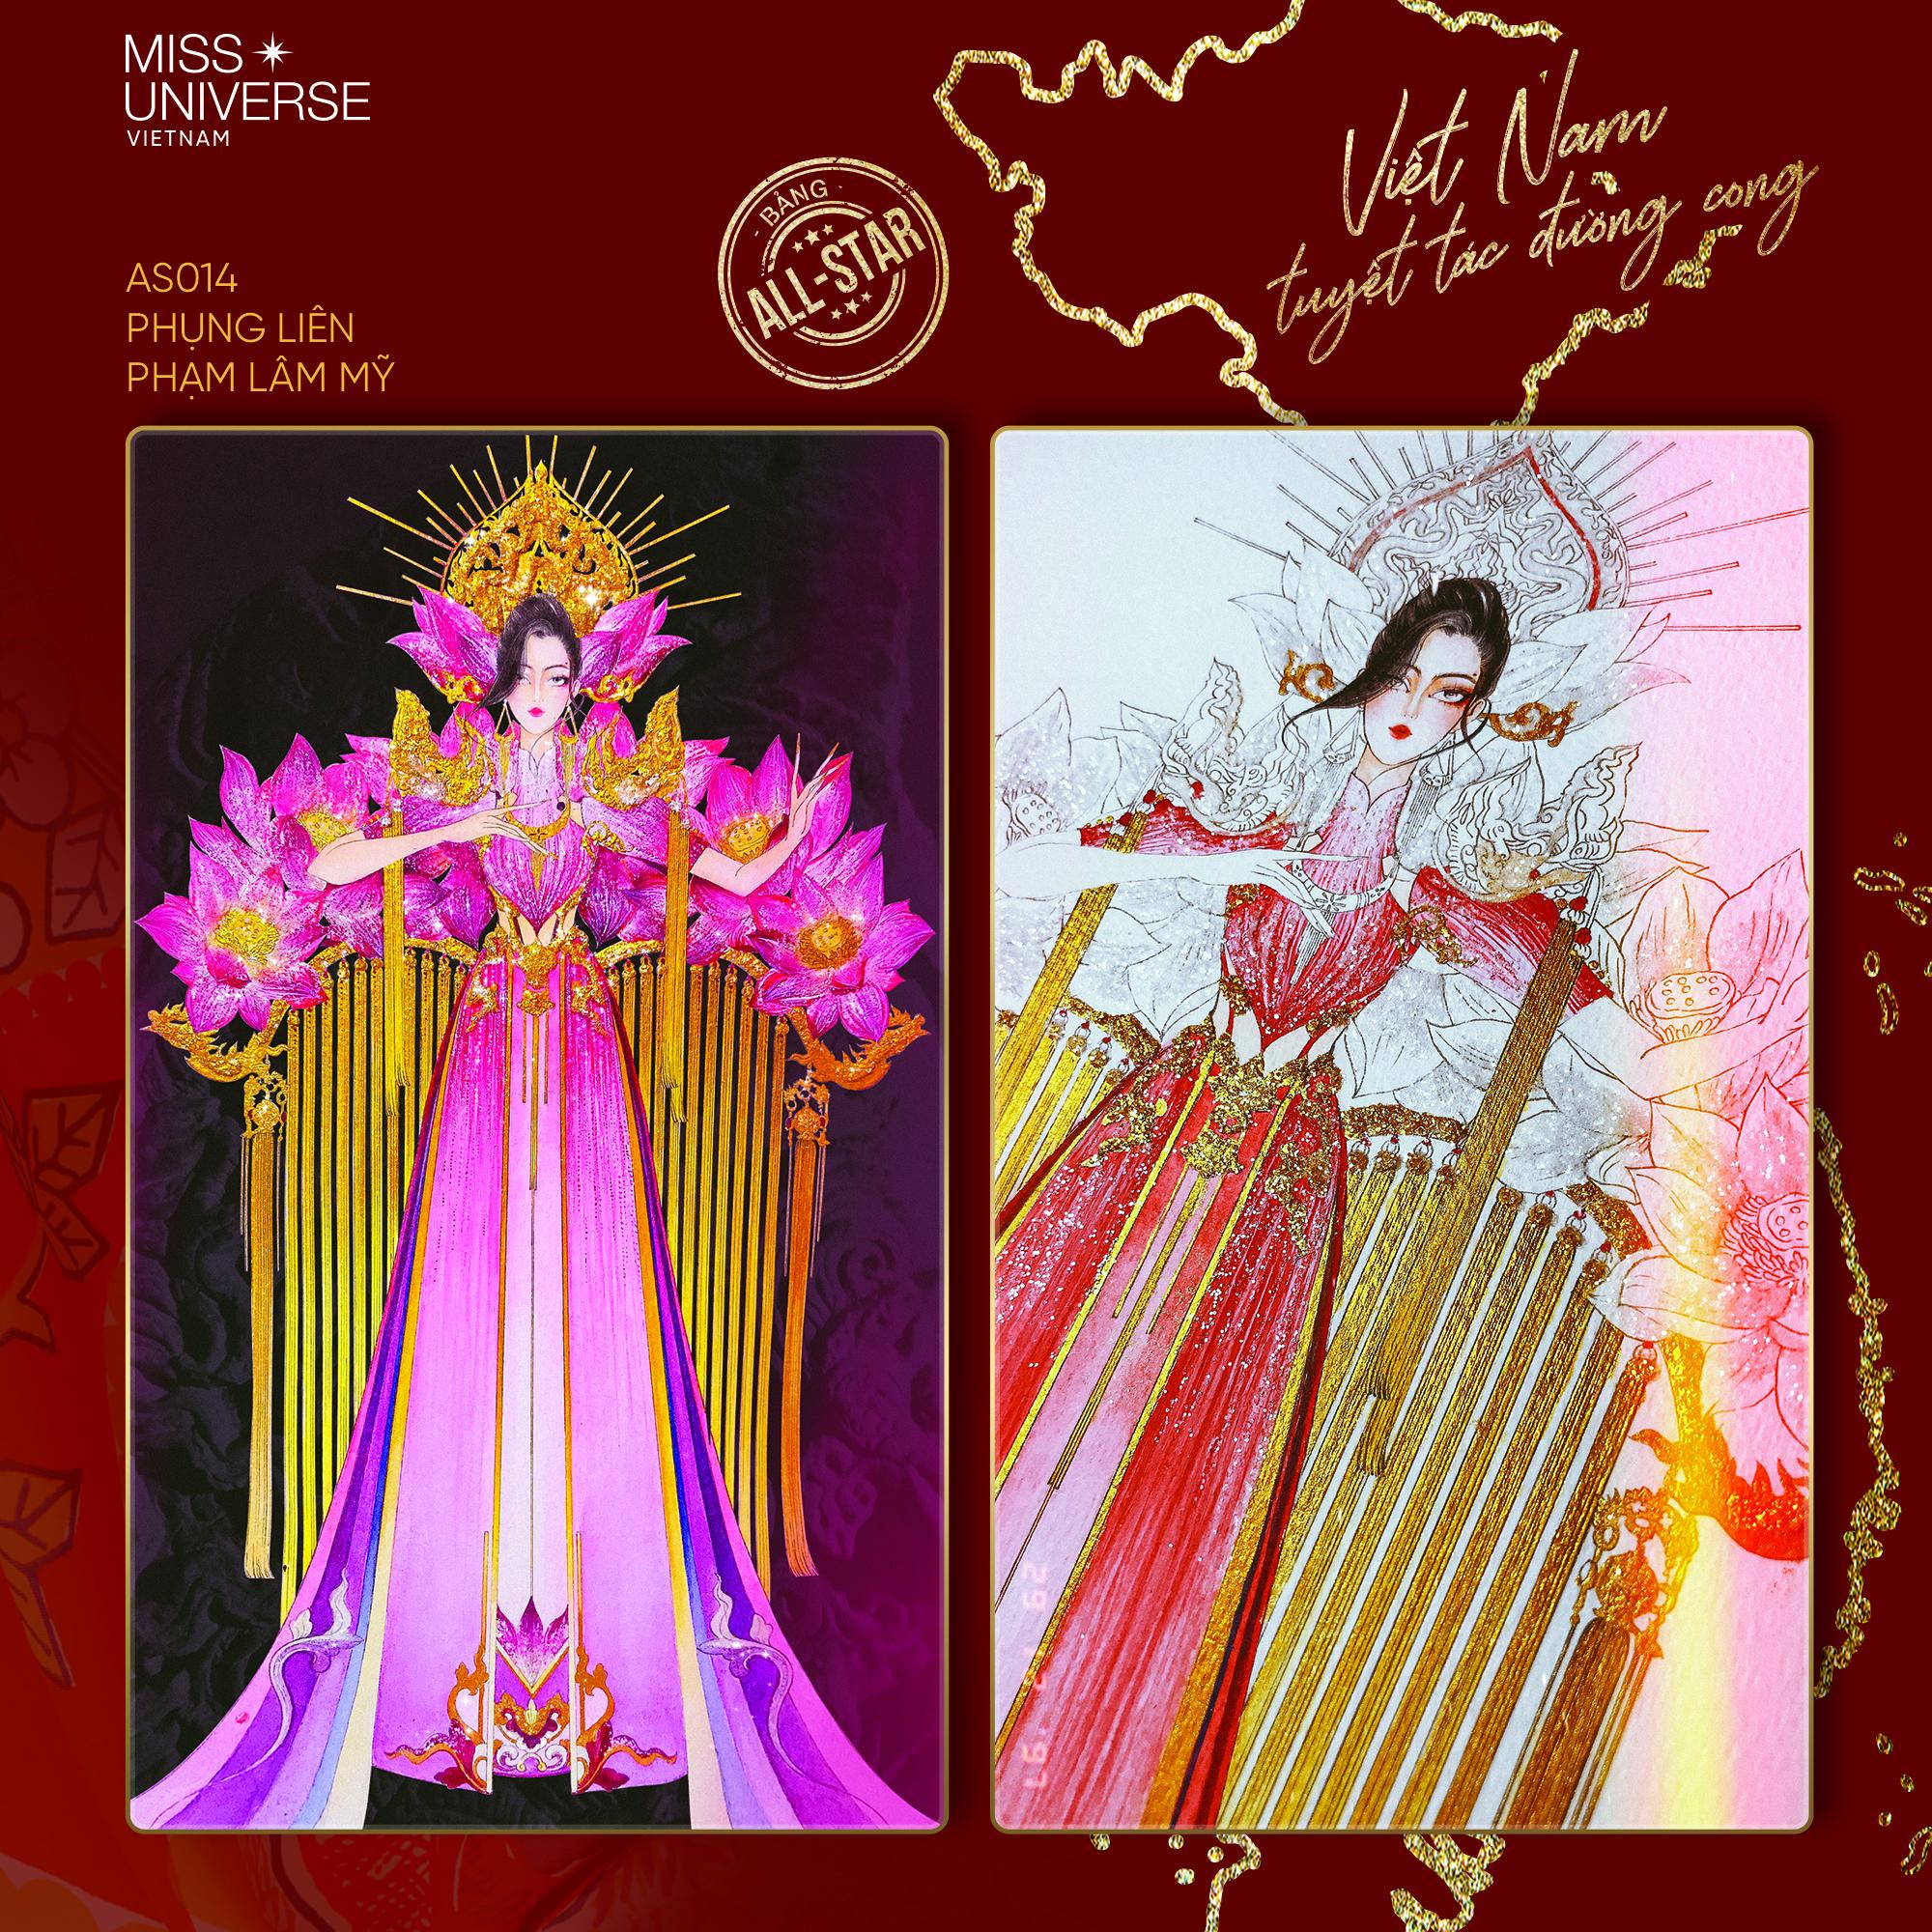 Chủ nhân National Costume Nàng Mây thiết kế váy tàu điện Metro cho Khánh Vân: Cổng trường cũng thành trang phục cực chất Ảnh 14